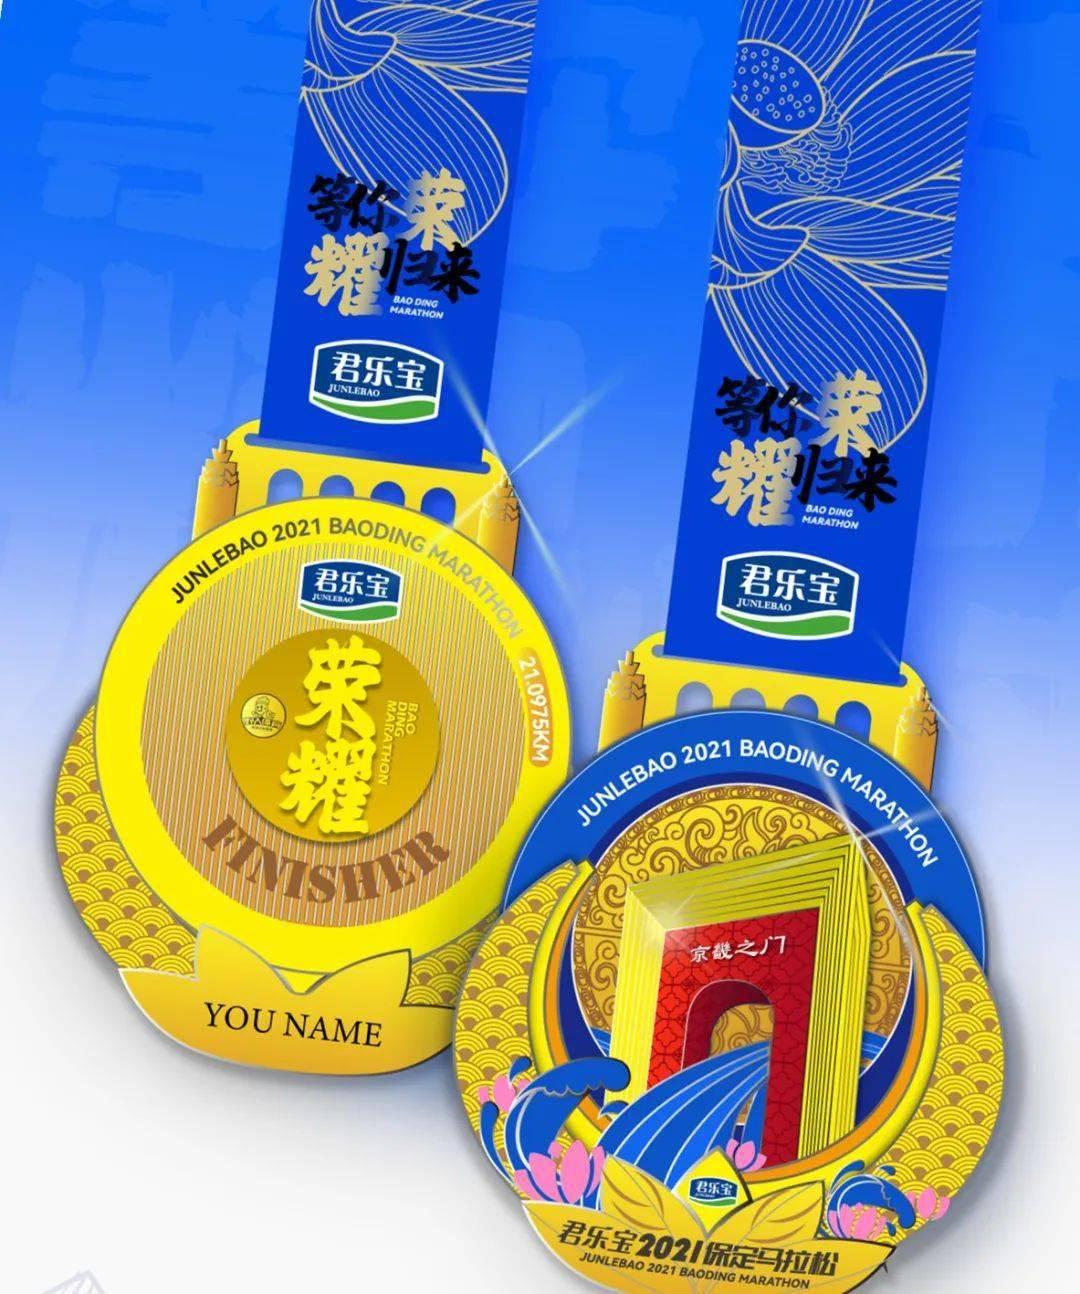 君乐宝2021保定马拉松装备亮相!以冠军之荣耀,照亮首届保马!